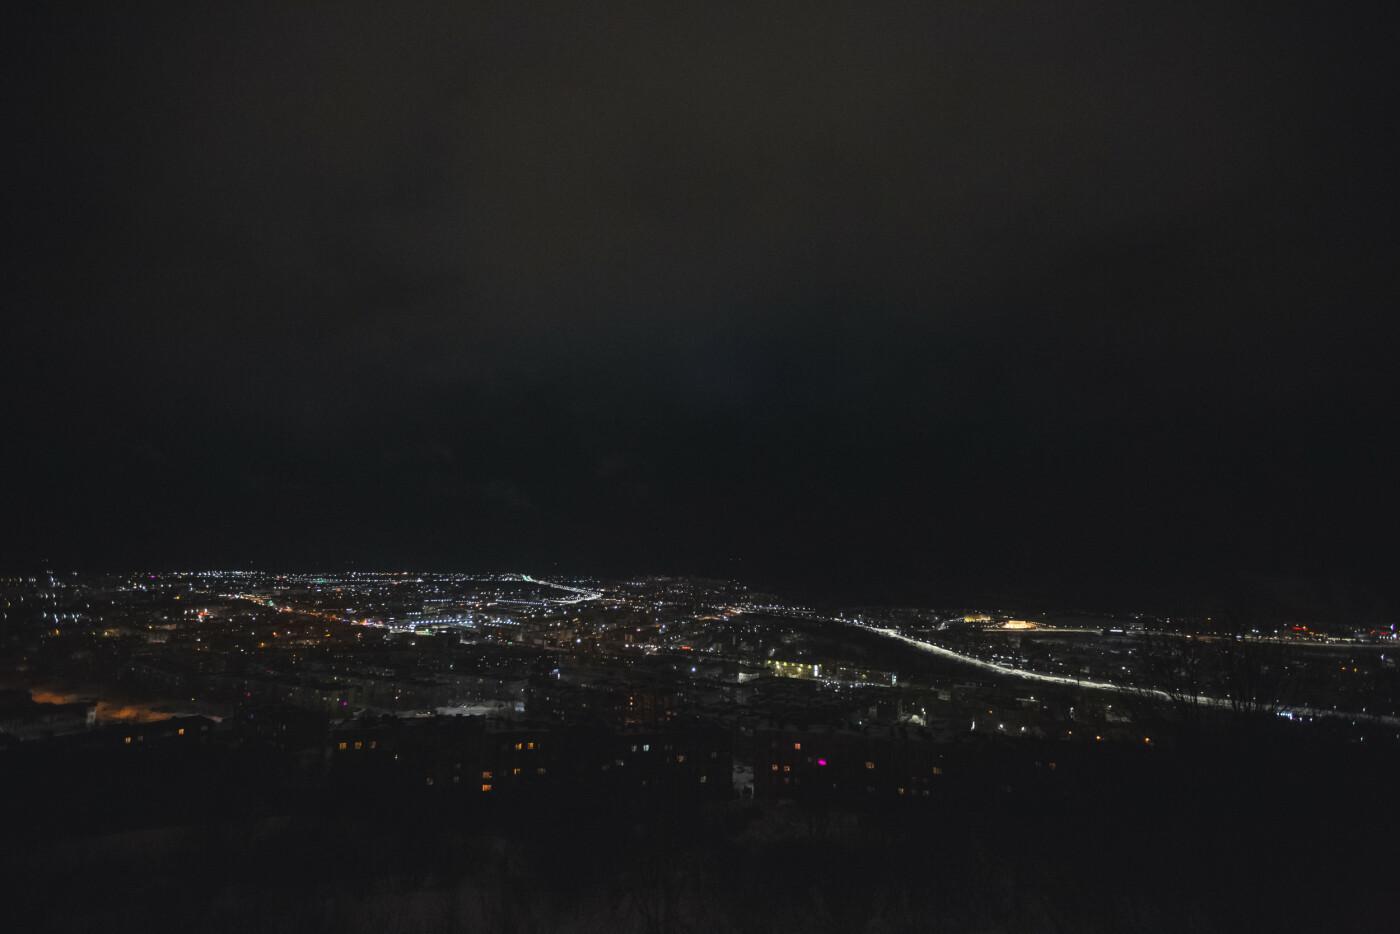 Камчатский Дворец бракосочетаний светится в темноте, фото-5